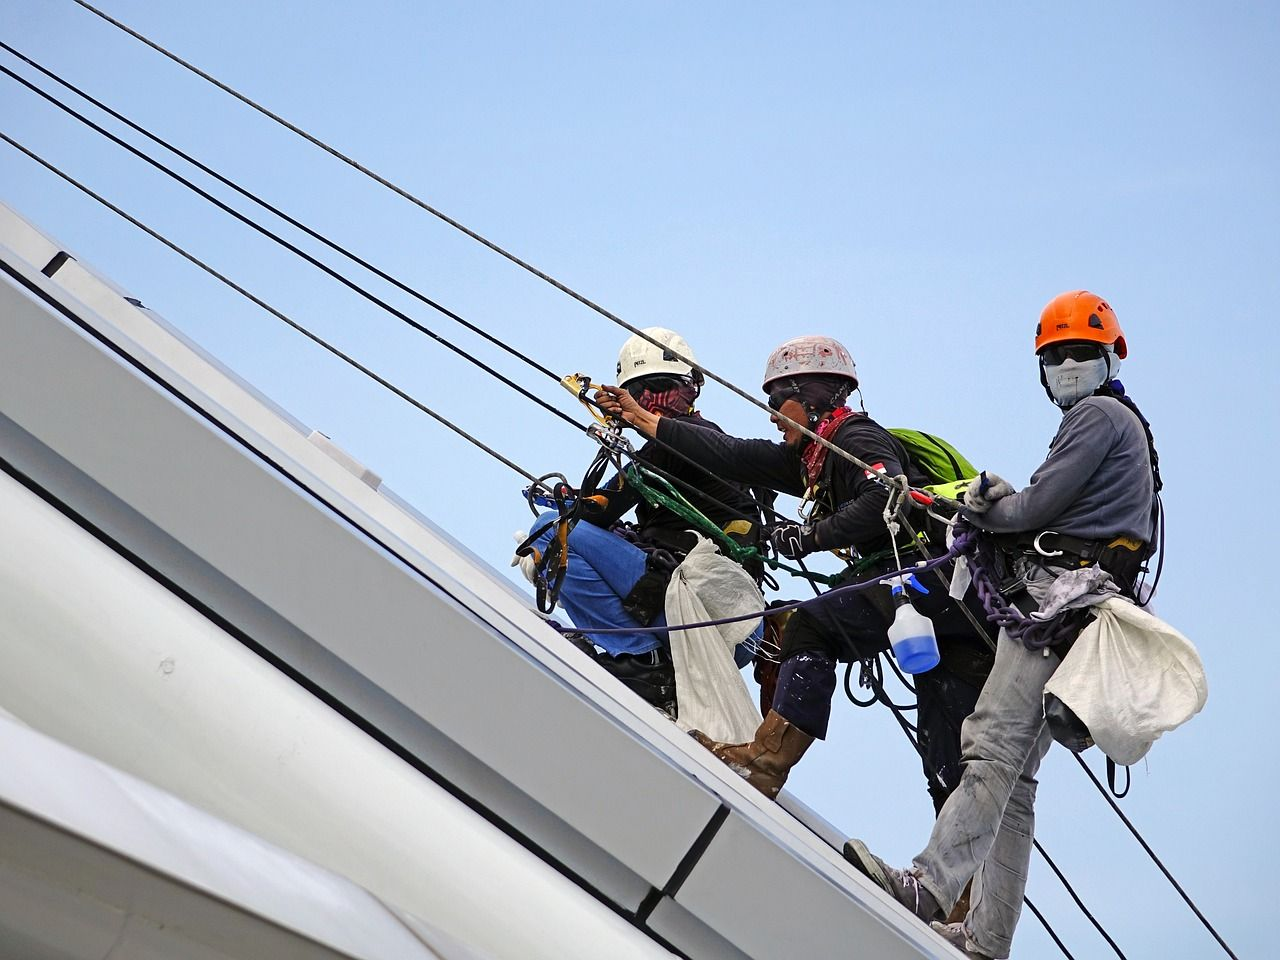 Rakennusala tuo omat haasteensa työturvallisuuteen